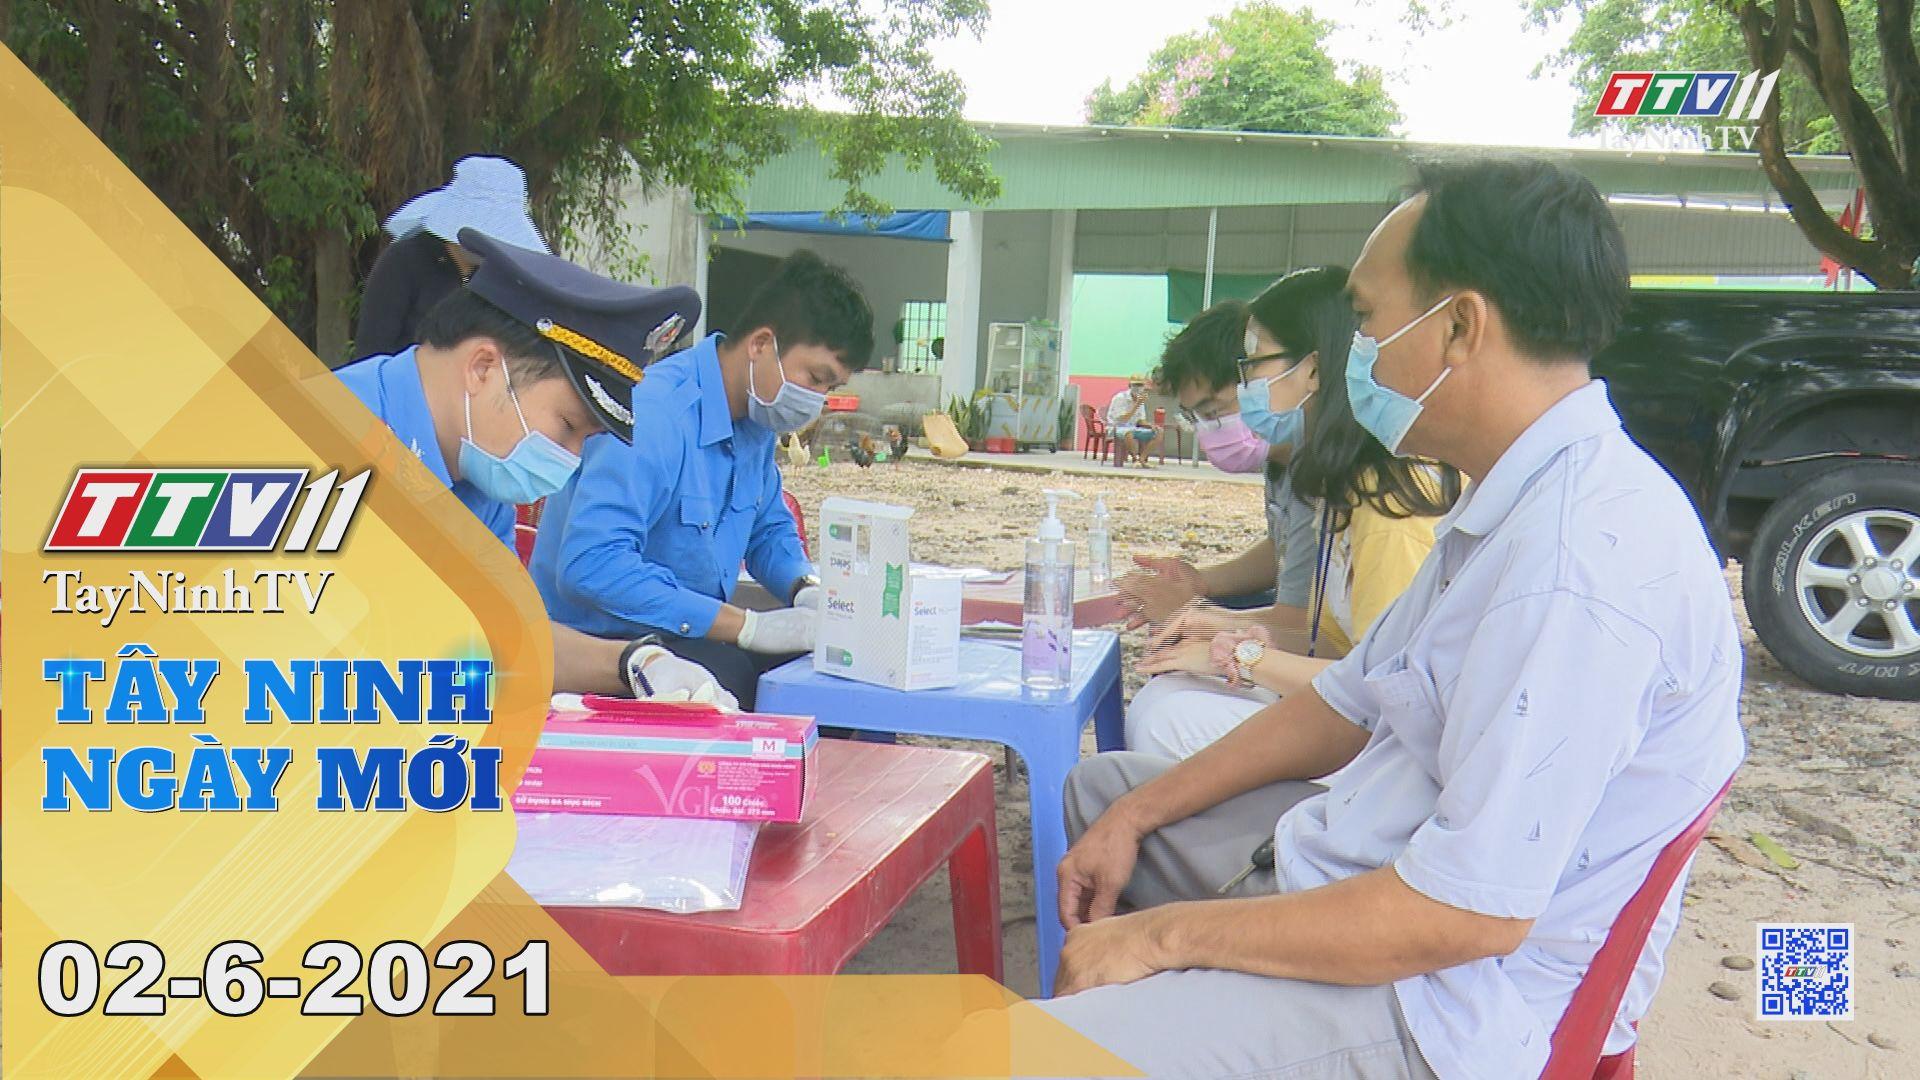 Tây Ninh Ngày Mới 02-6-2021 | Tin tức hôm nay | TayNinhTV